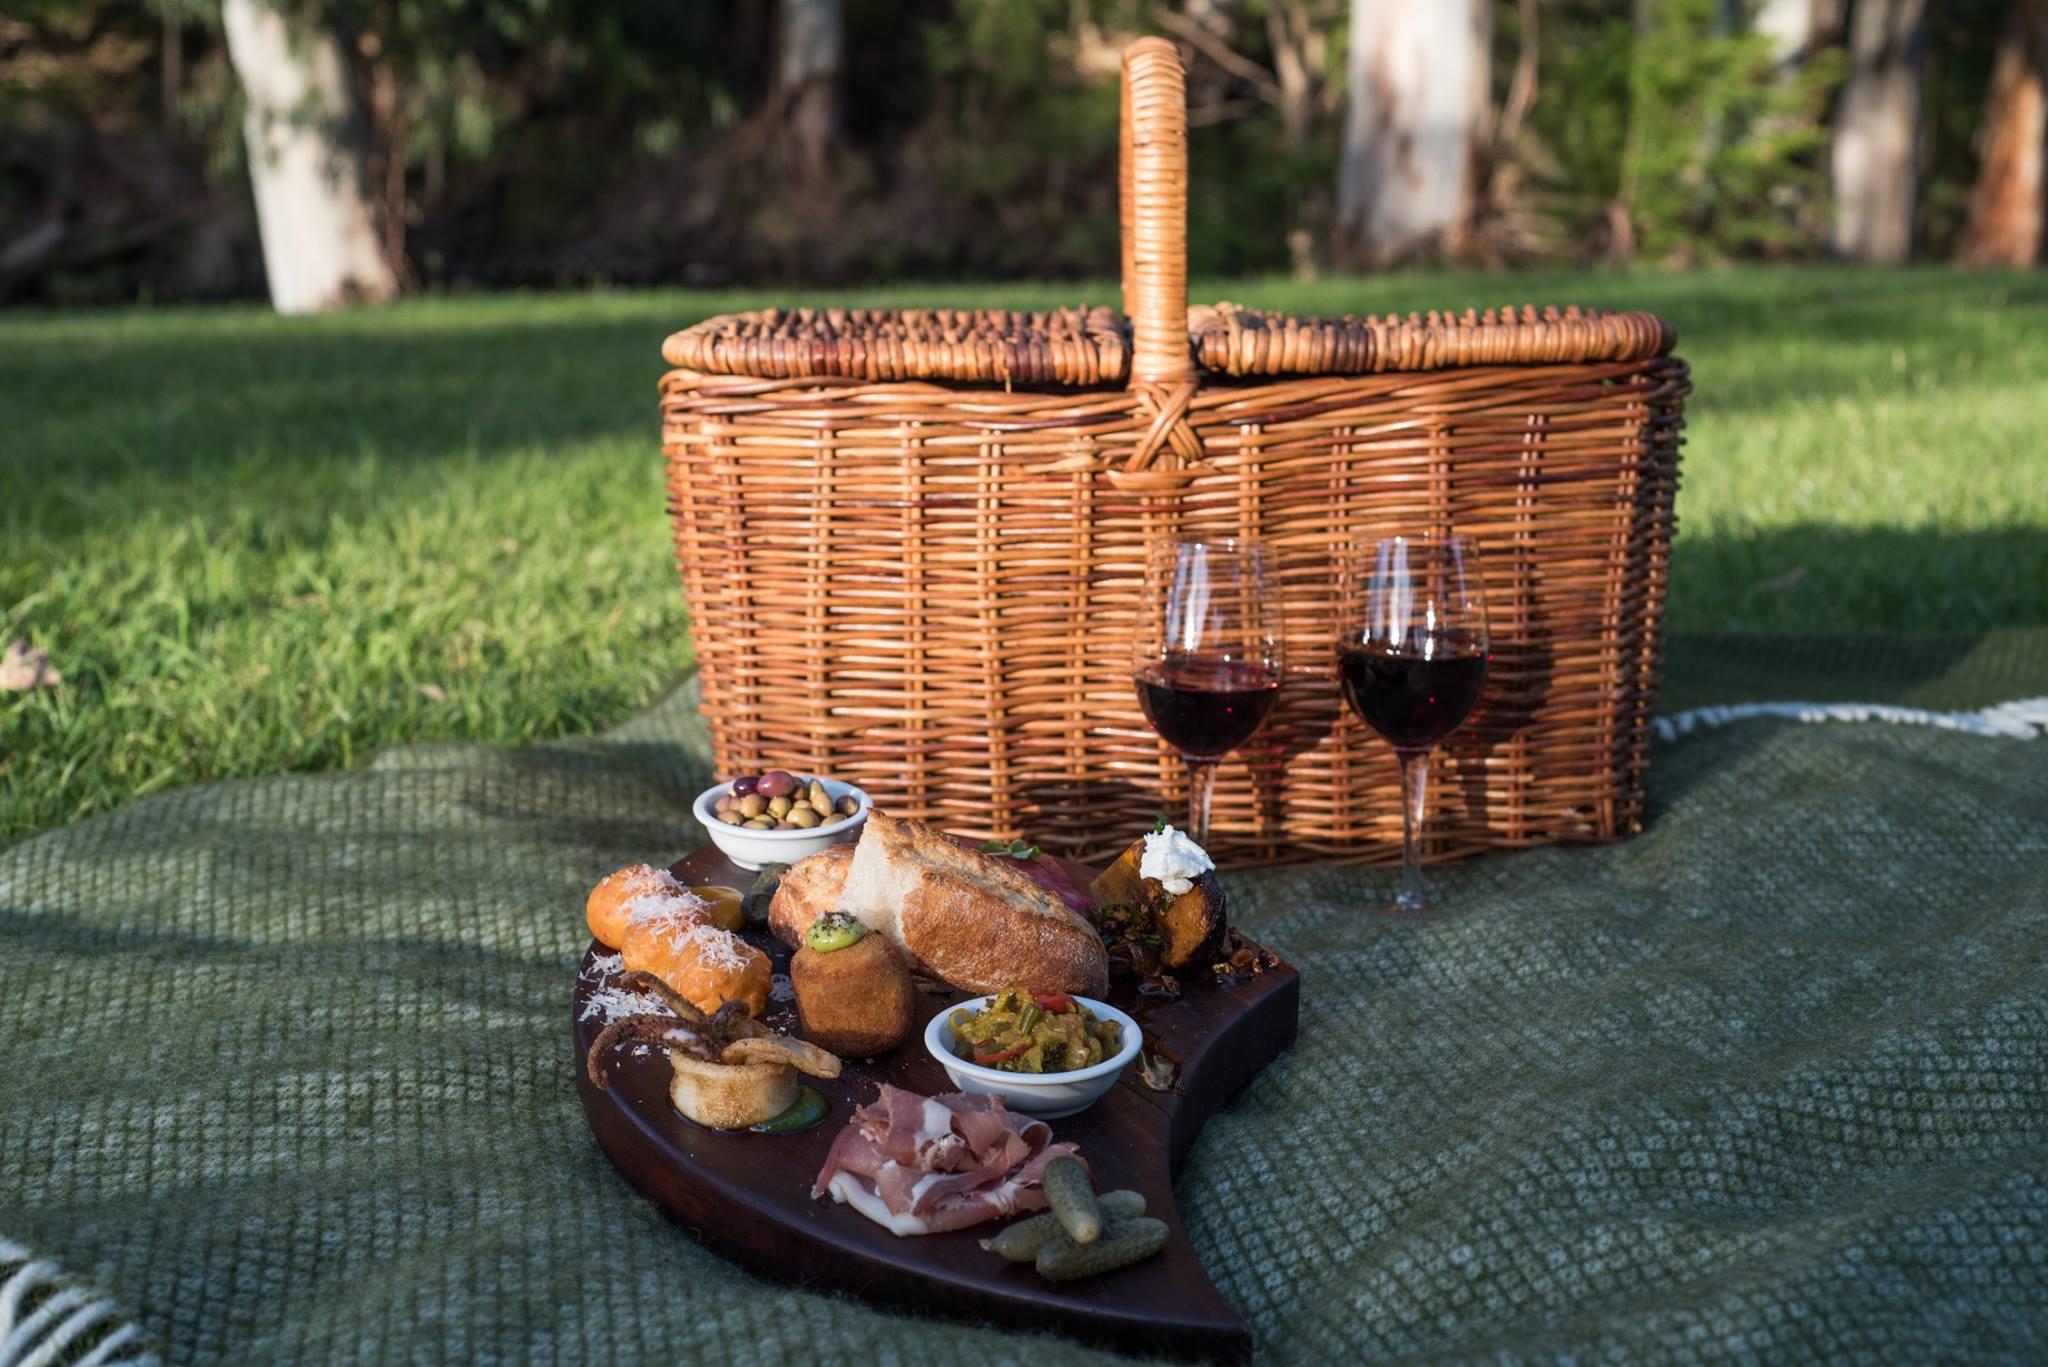 picnic-hamper-001.jpg